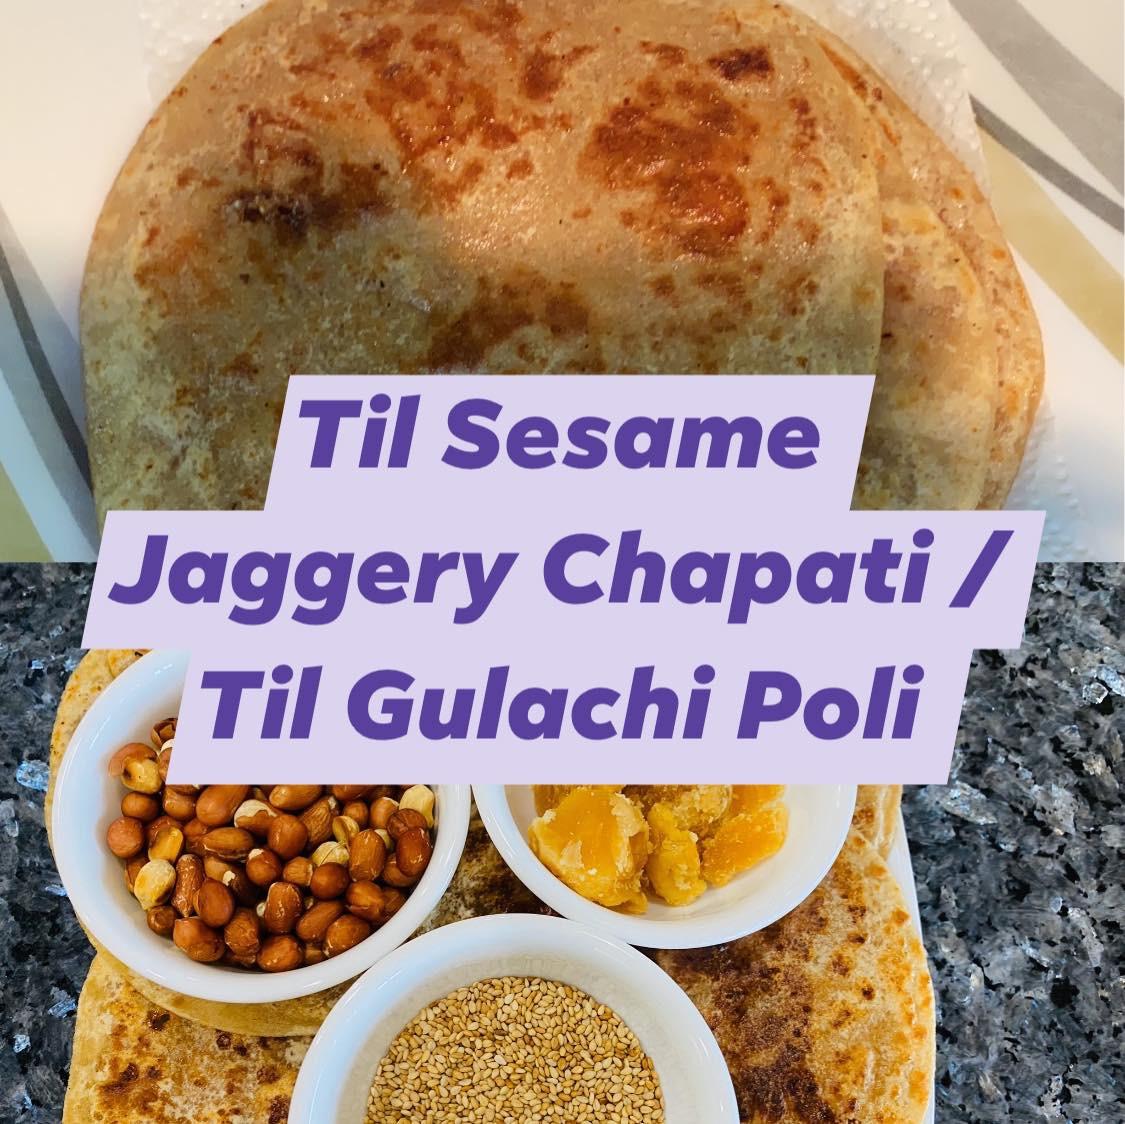 Til Gulachi Poli/Peanut Sesame jaggery paratha